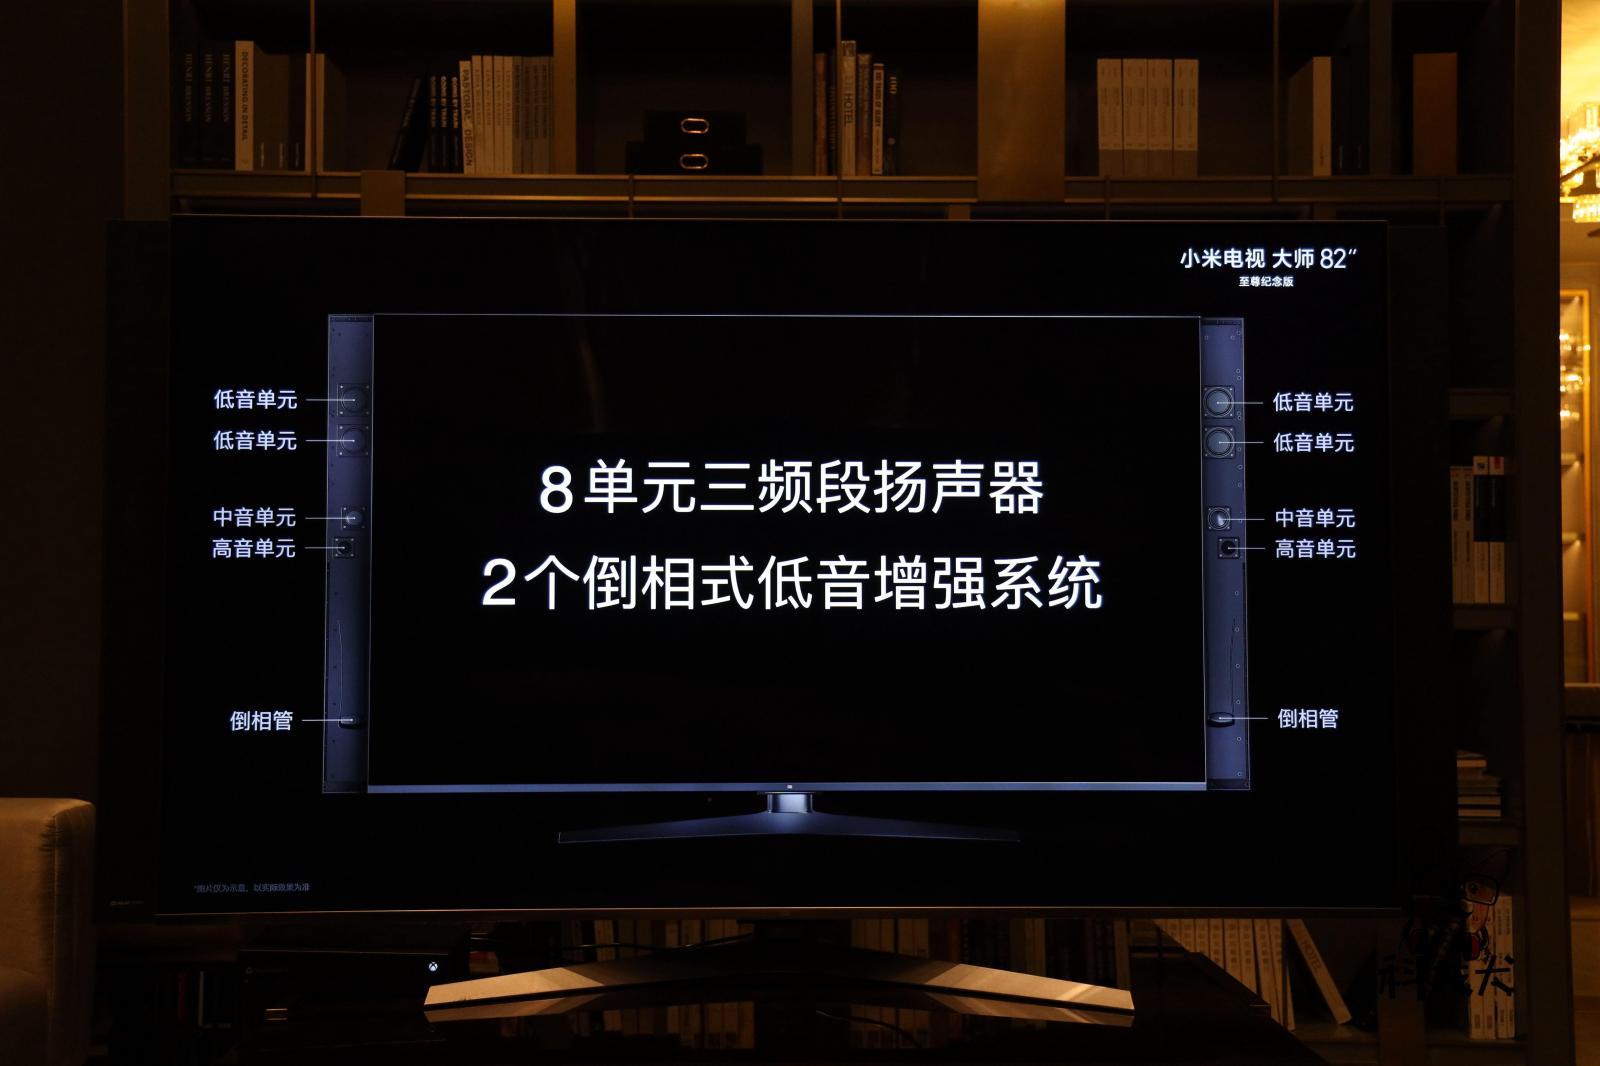 「科技犬」小米电视大师系列新品盘点:四款旗舰全面布局高端